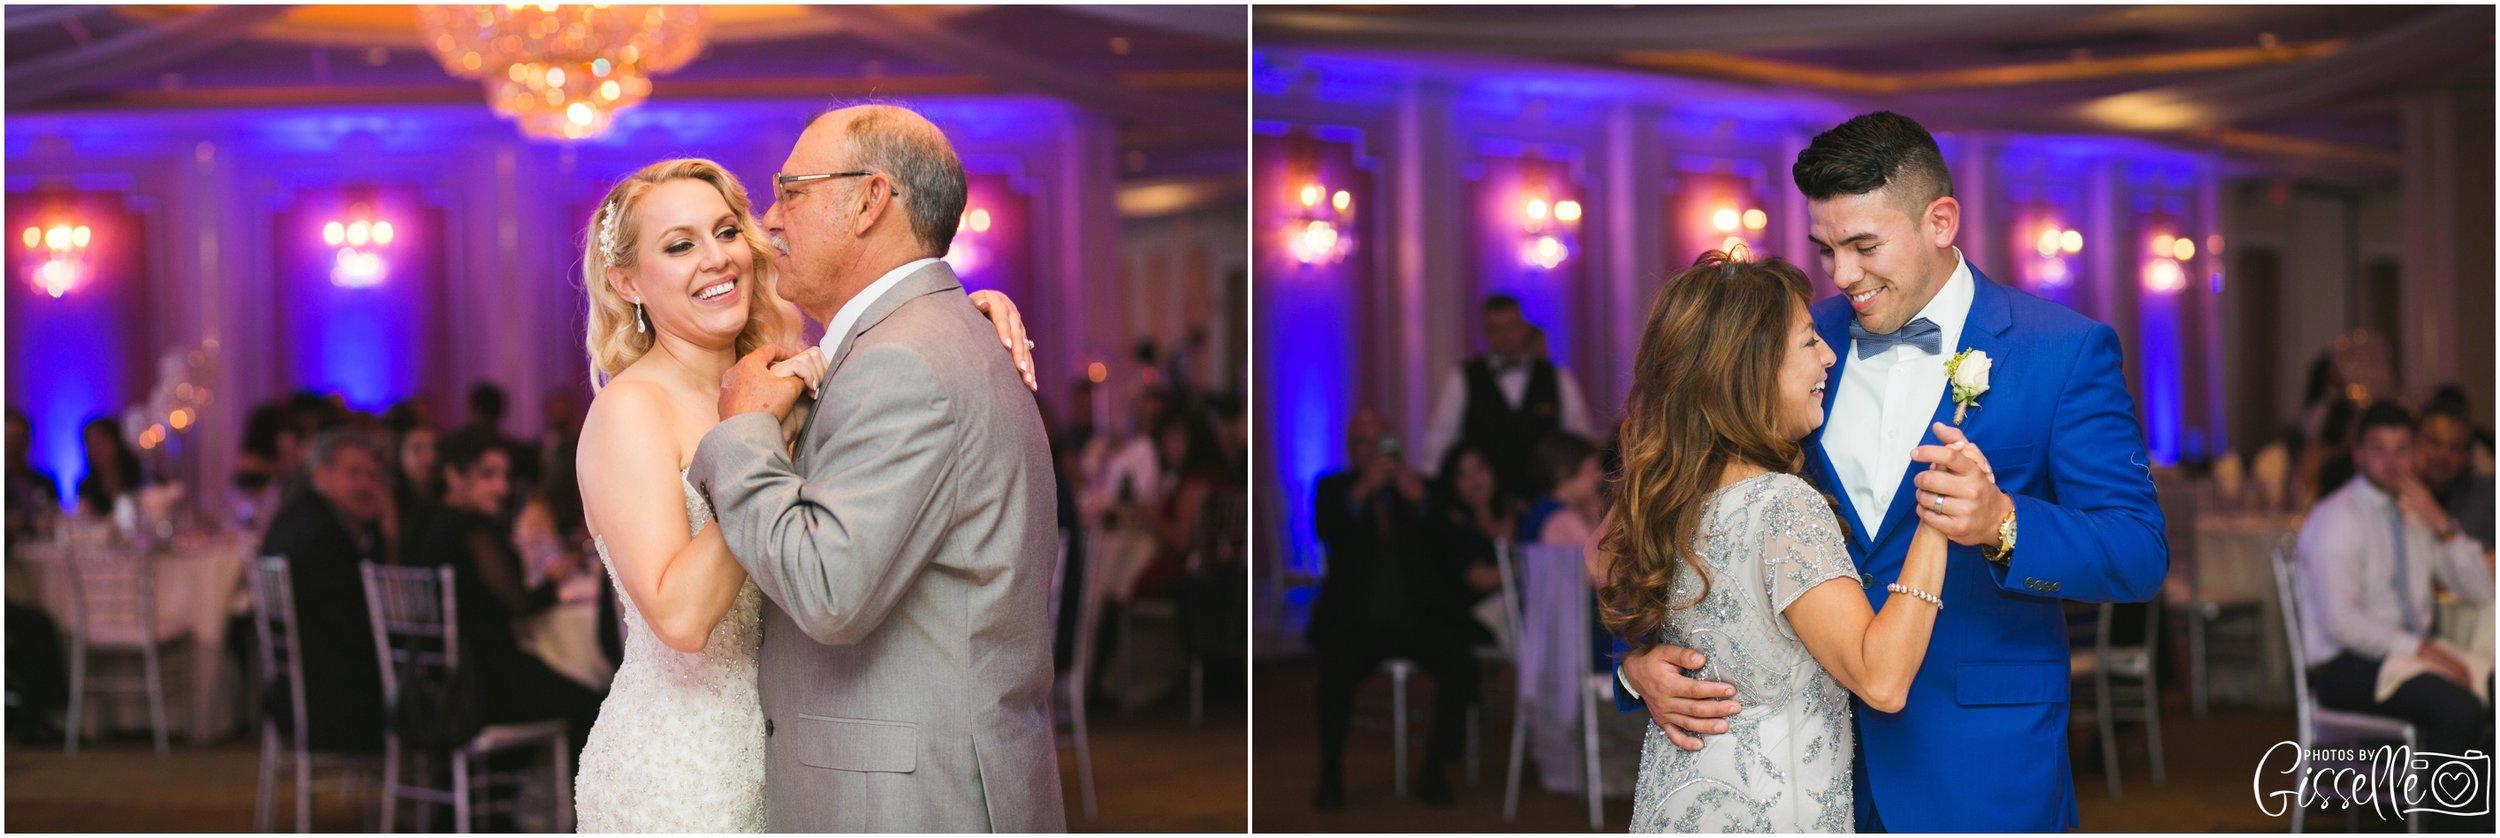 Astoria Banquets Wedding031.jpg